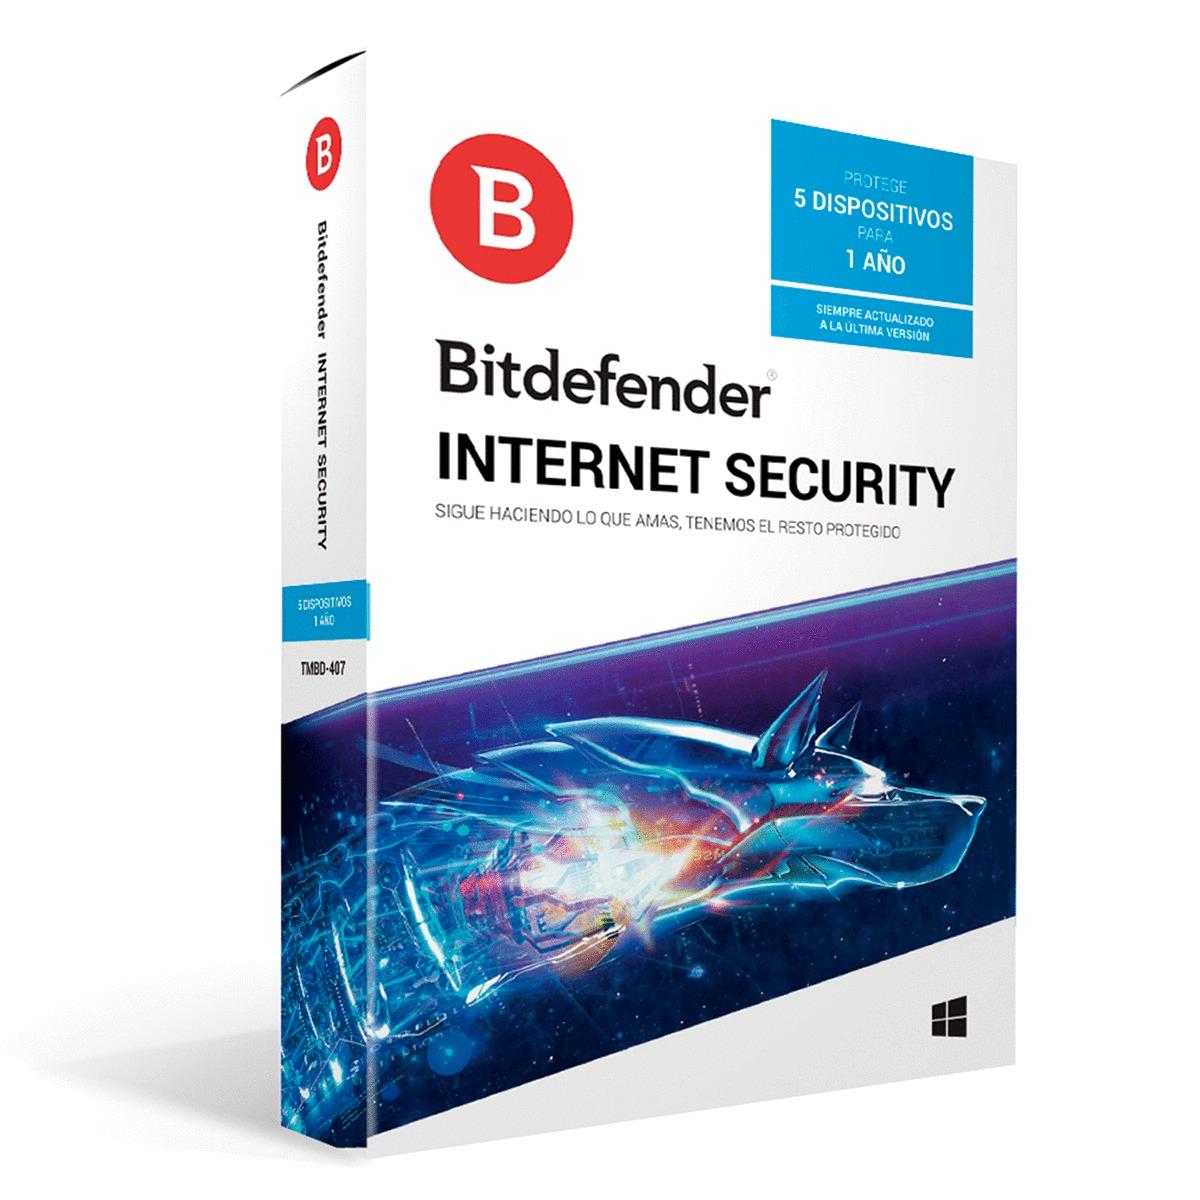 Bitdefender Internet Security 2020 Crack Plus License Key